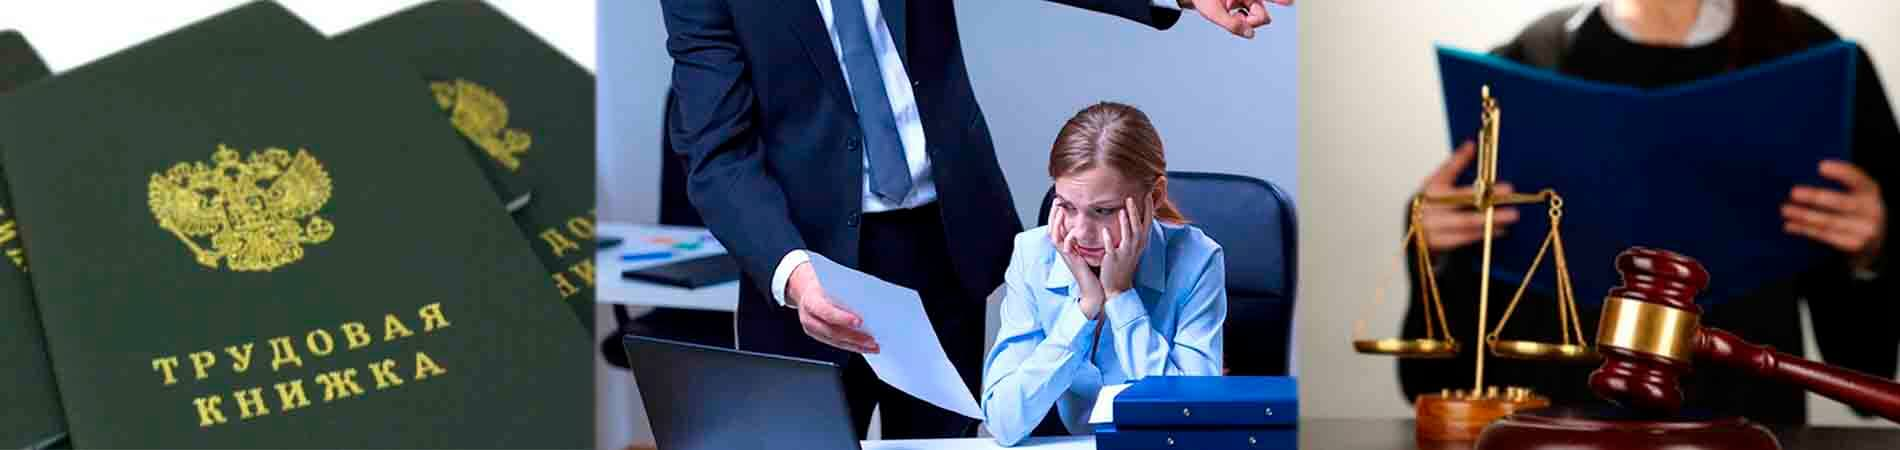 юридическая консультация по трудовым договорам